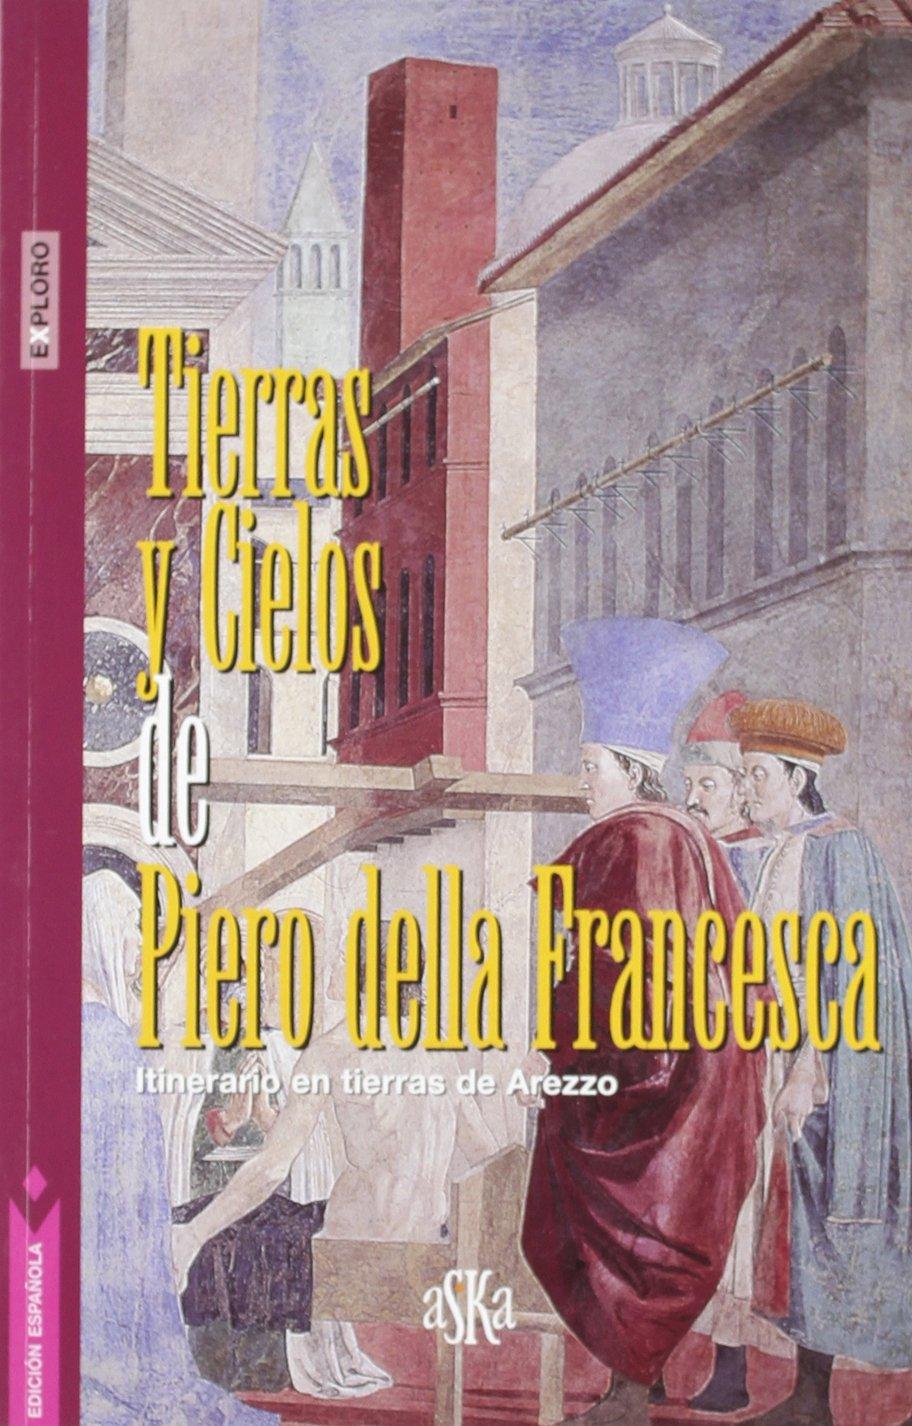 Tierras y cielos de Piero della Francesca. Itinerario en tierras de Arezzo Exploro: Amazon.es: Giovanni Tenucci, D. Velásquez Plata: Libros